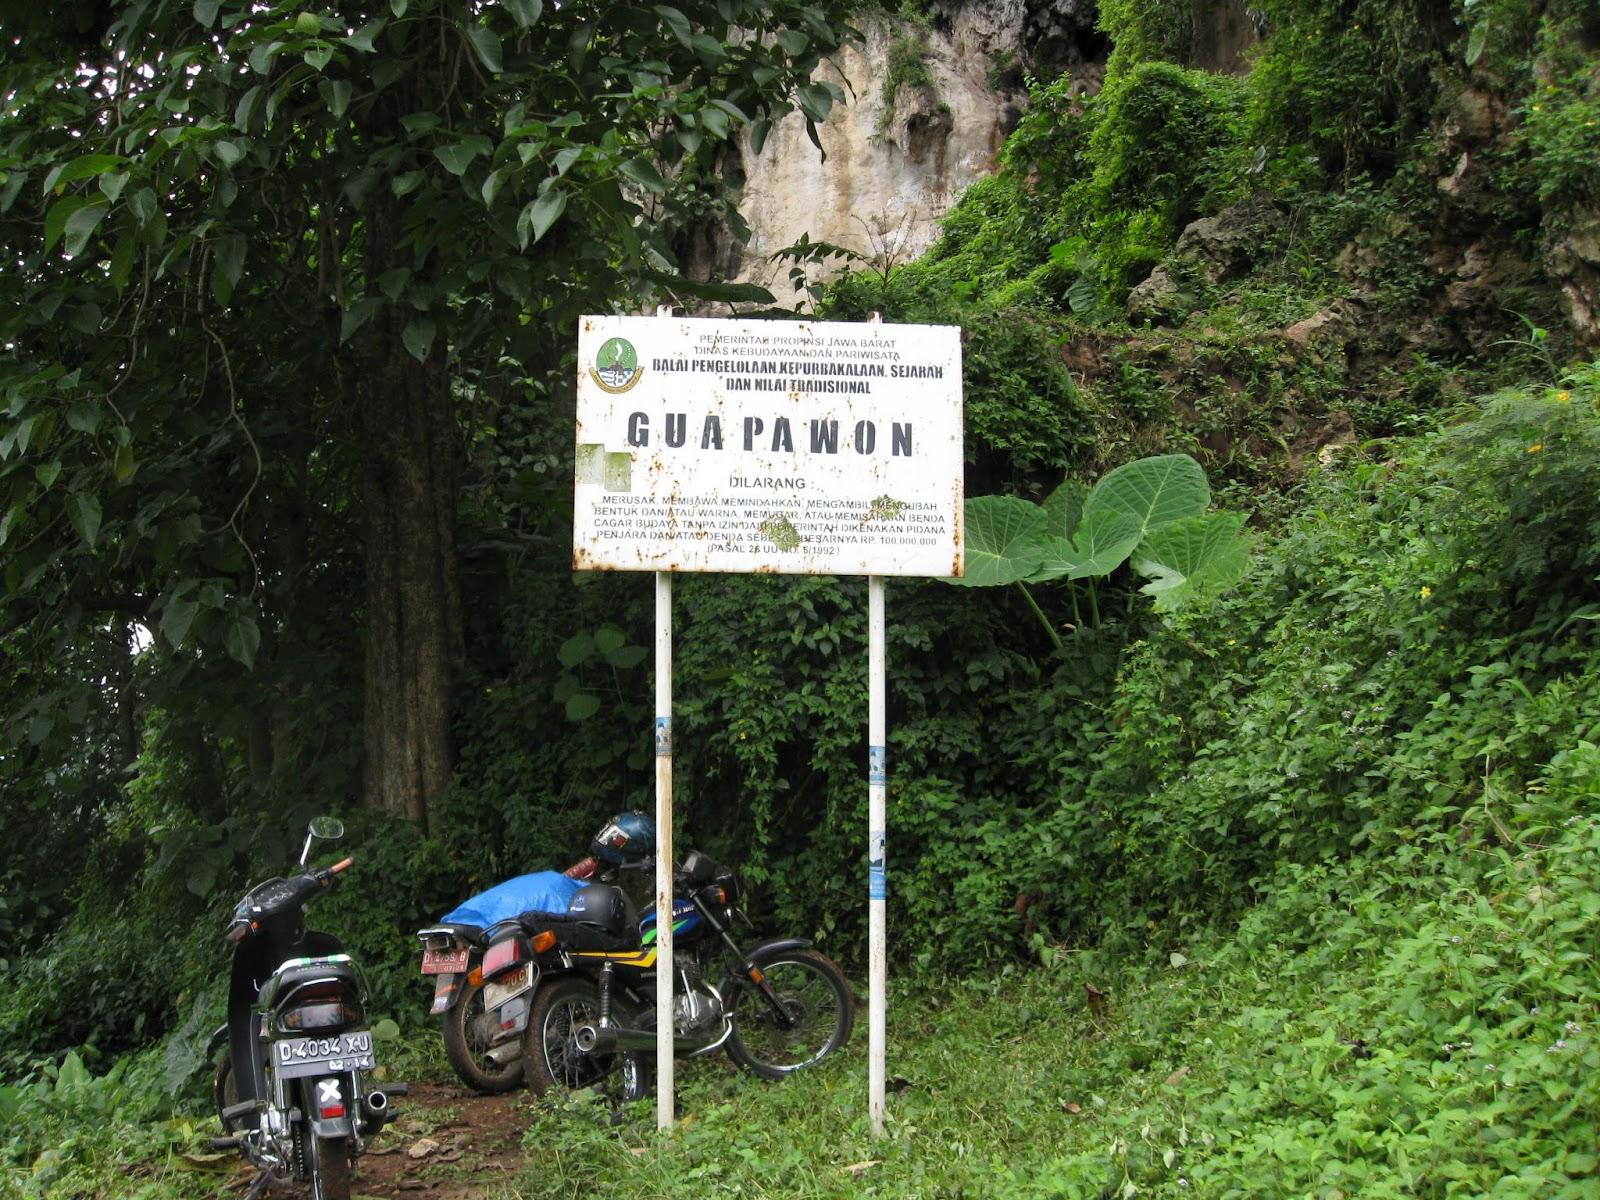 Wisata Goa dan Wisata Belanja di Bagian Barat Kota Bandung ...